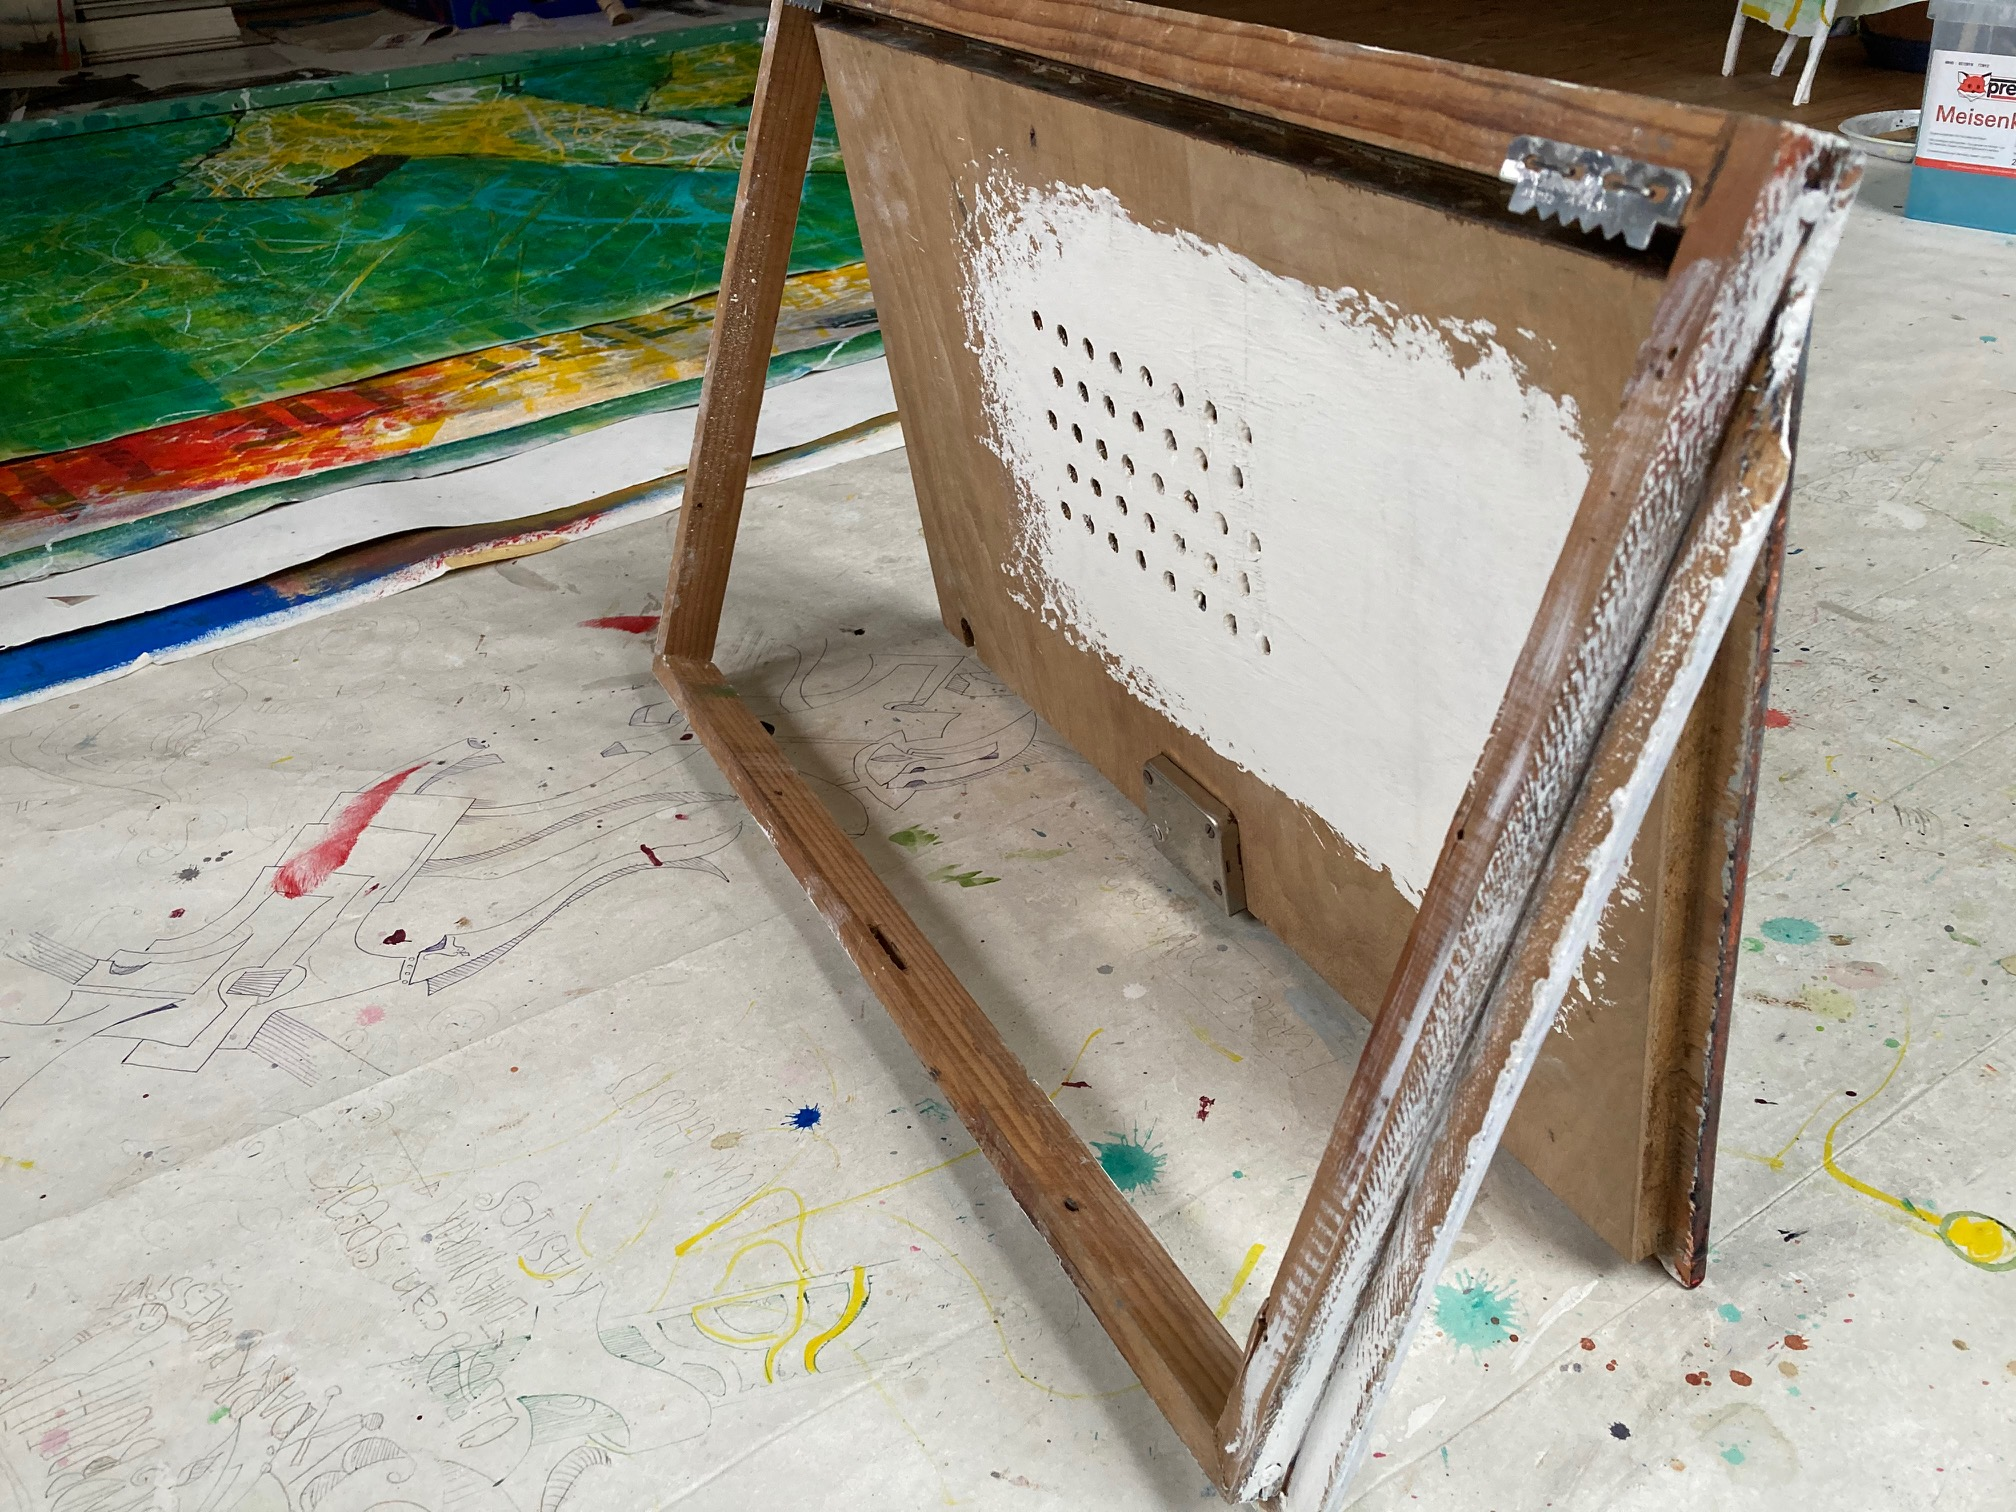 Das Bild Grischa wurde auf eine alte Stromkastentür gemalt und ist hier aufgestellt zu sehen